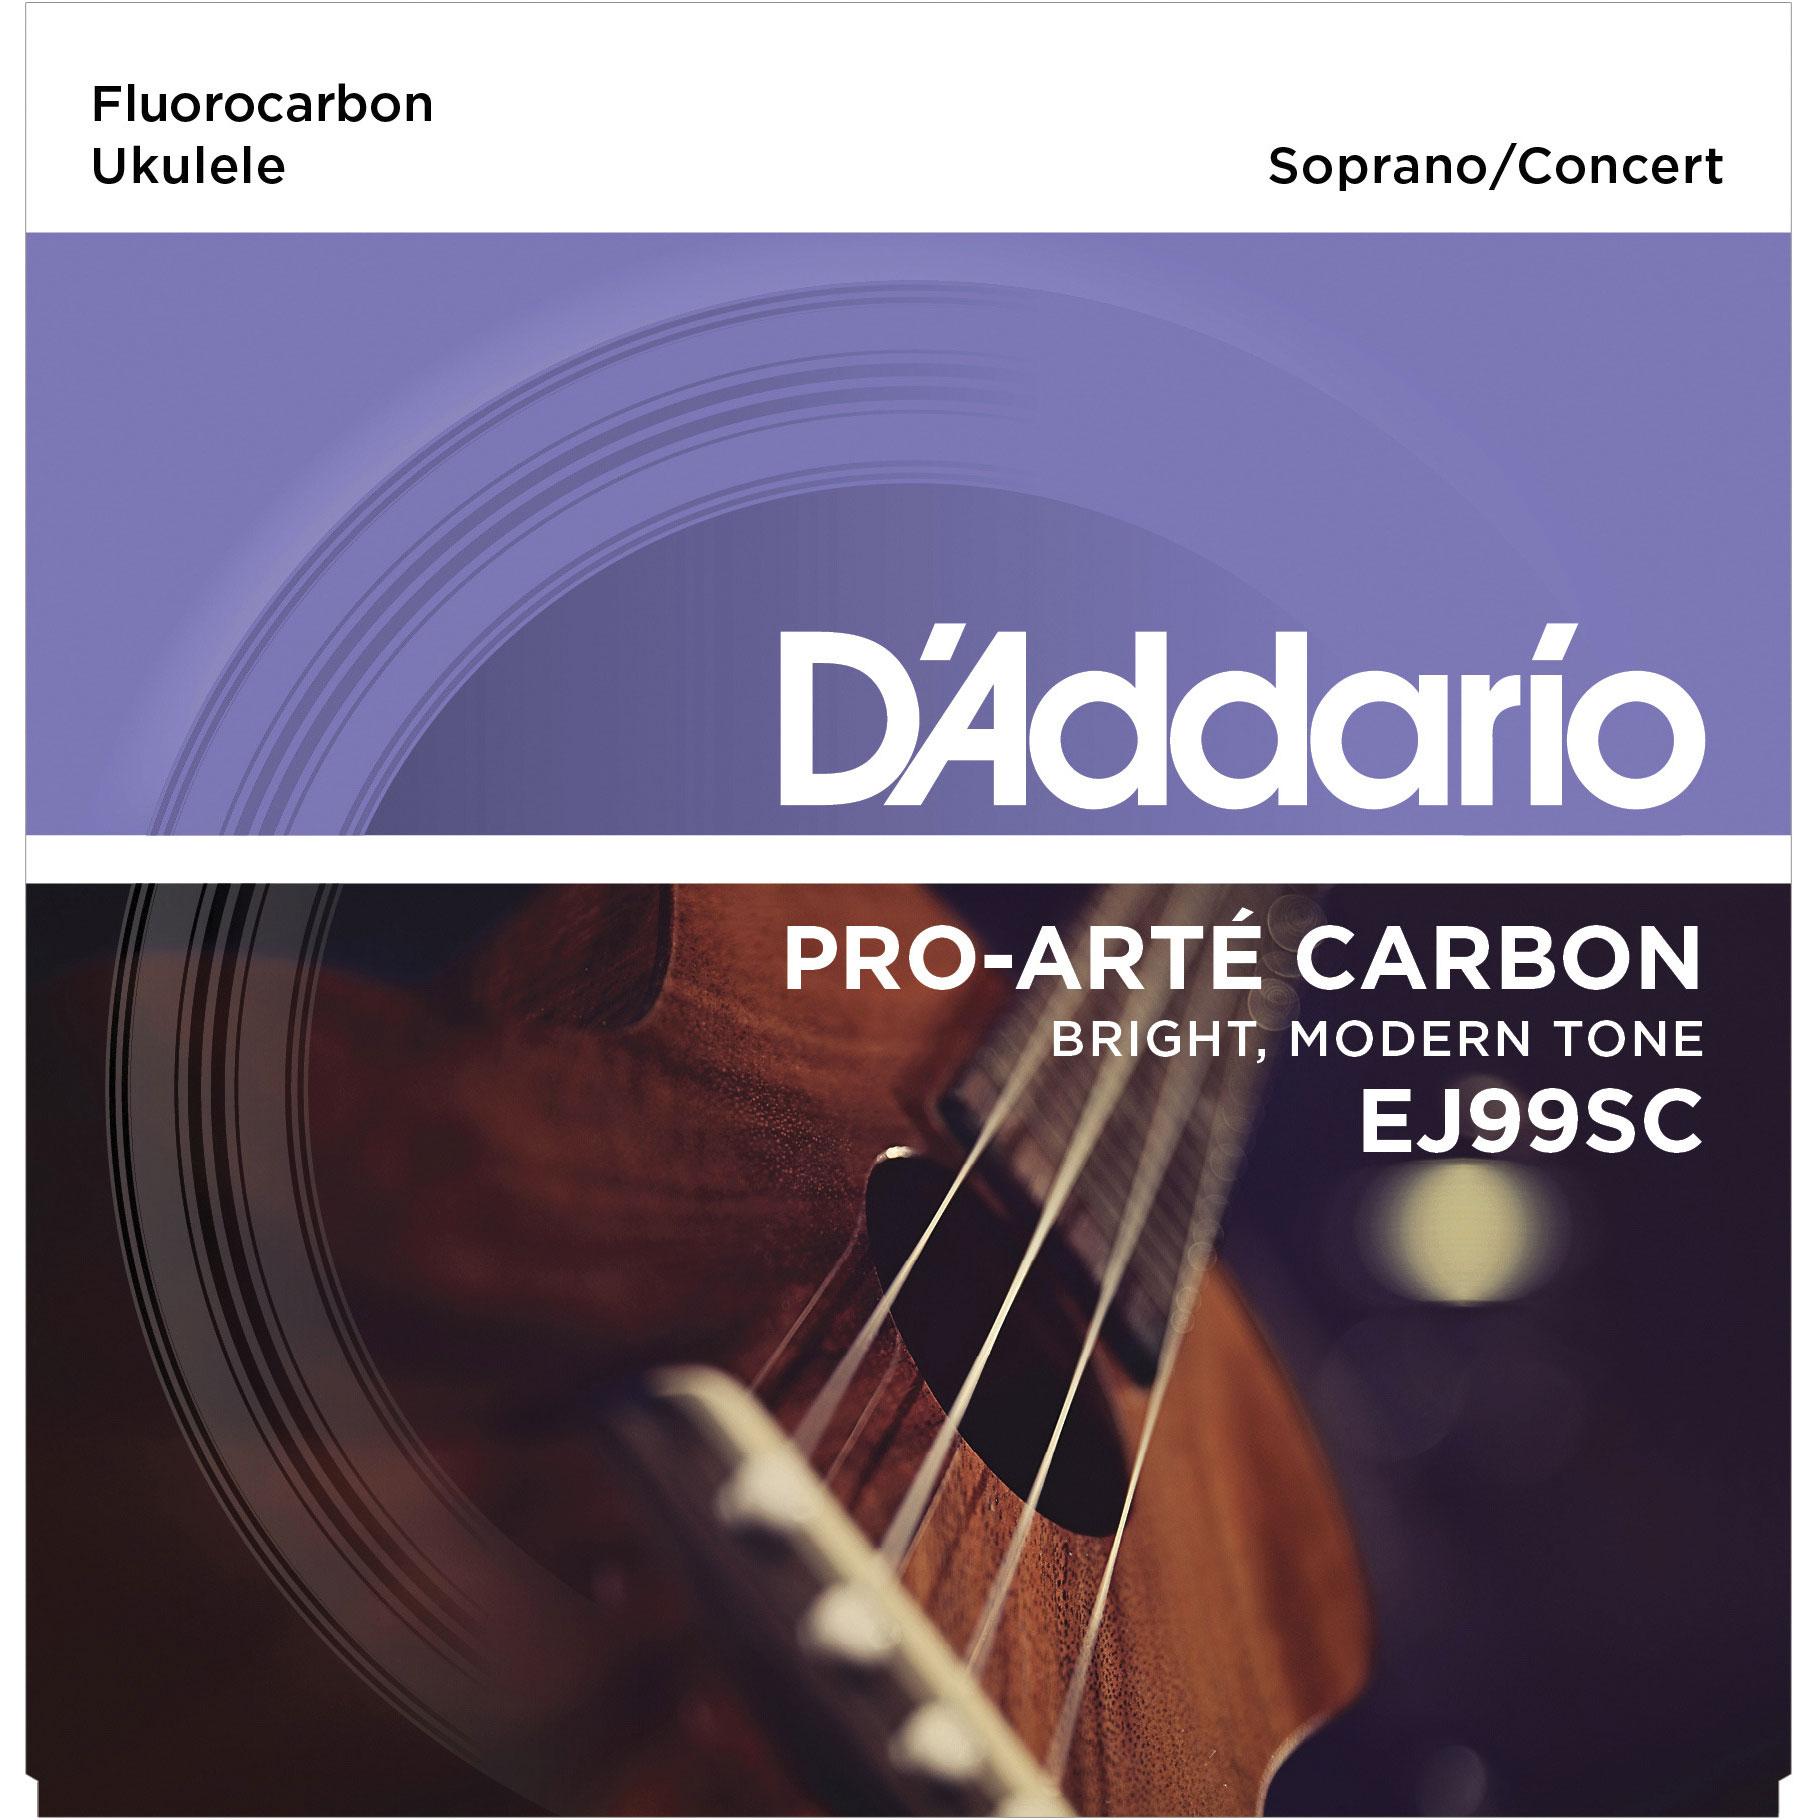 DADDARIO EJ99SC PRO-ARTÉ CARBON UKULELE, SOPRANO / CONCERT